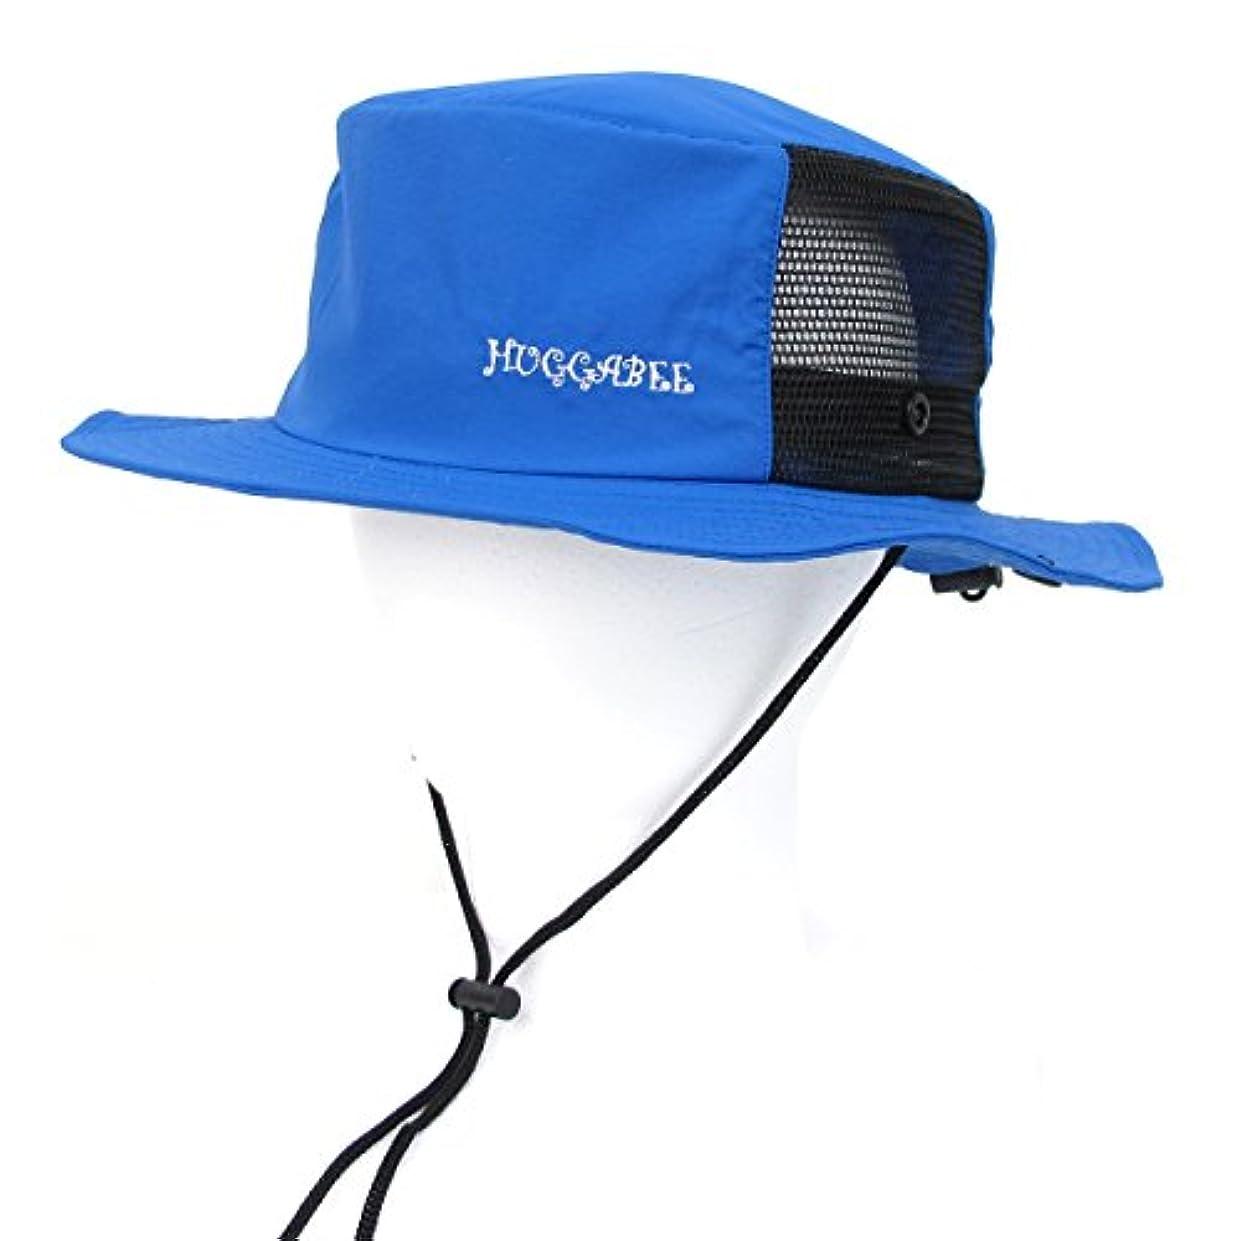 半円配偶者スリラーHUGGABEE(ハガビー) サーフハット 帽子 ブルー サファリハット キッズ 子供 メンズ レディース